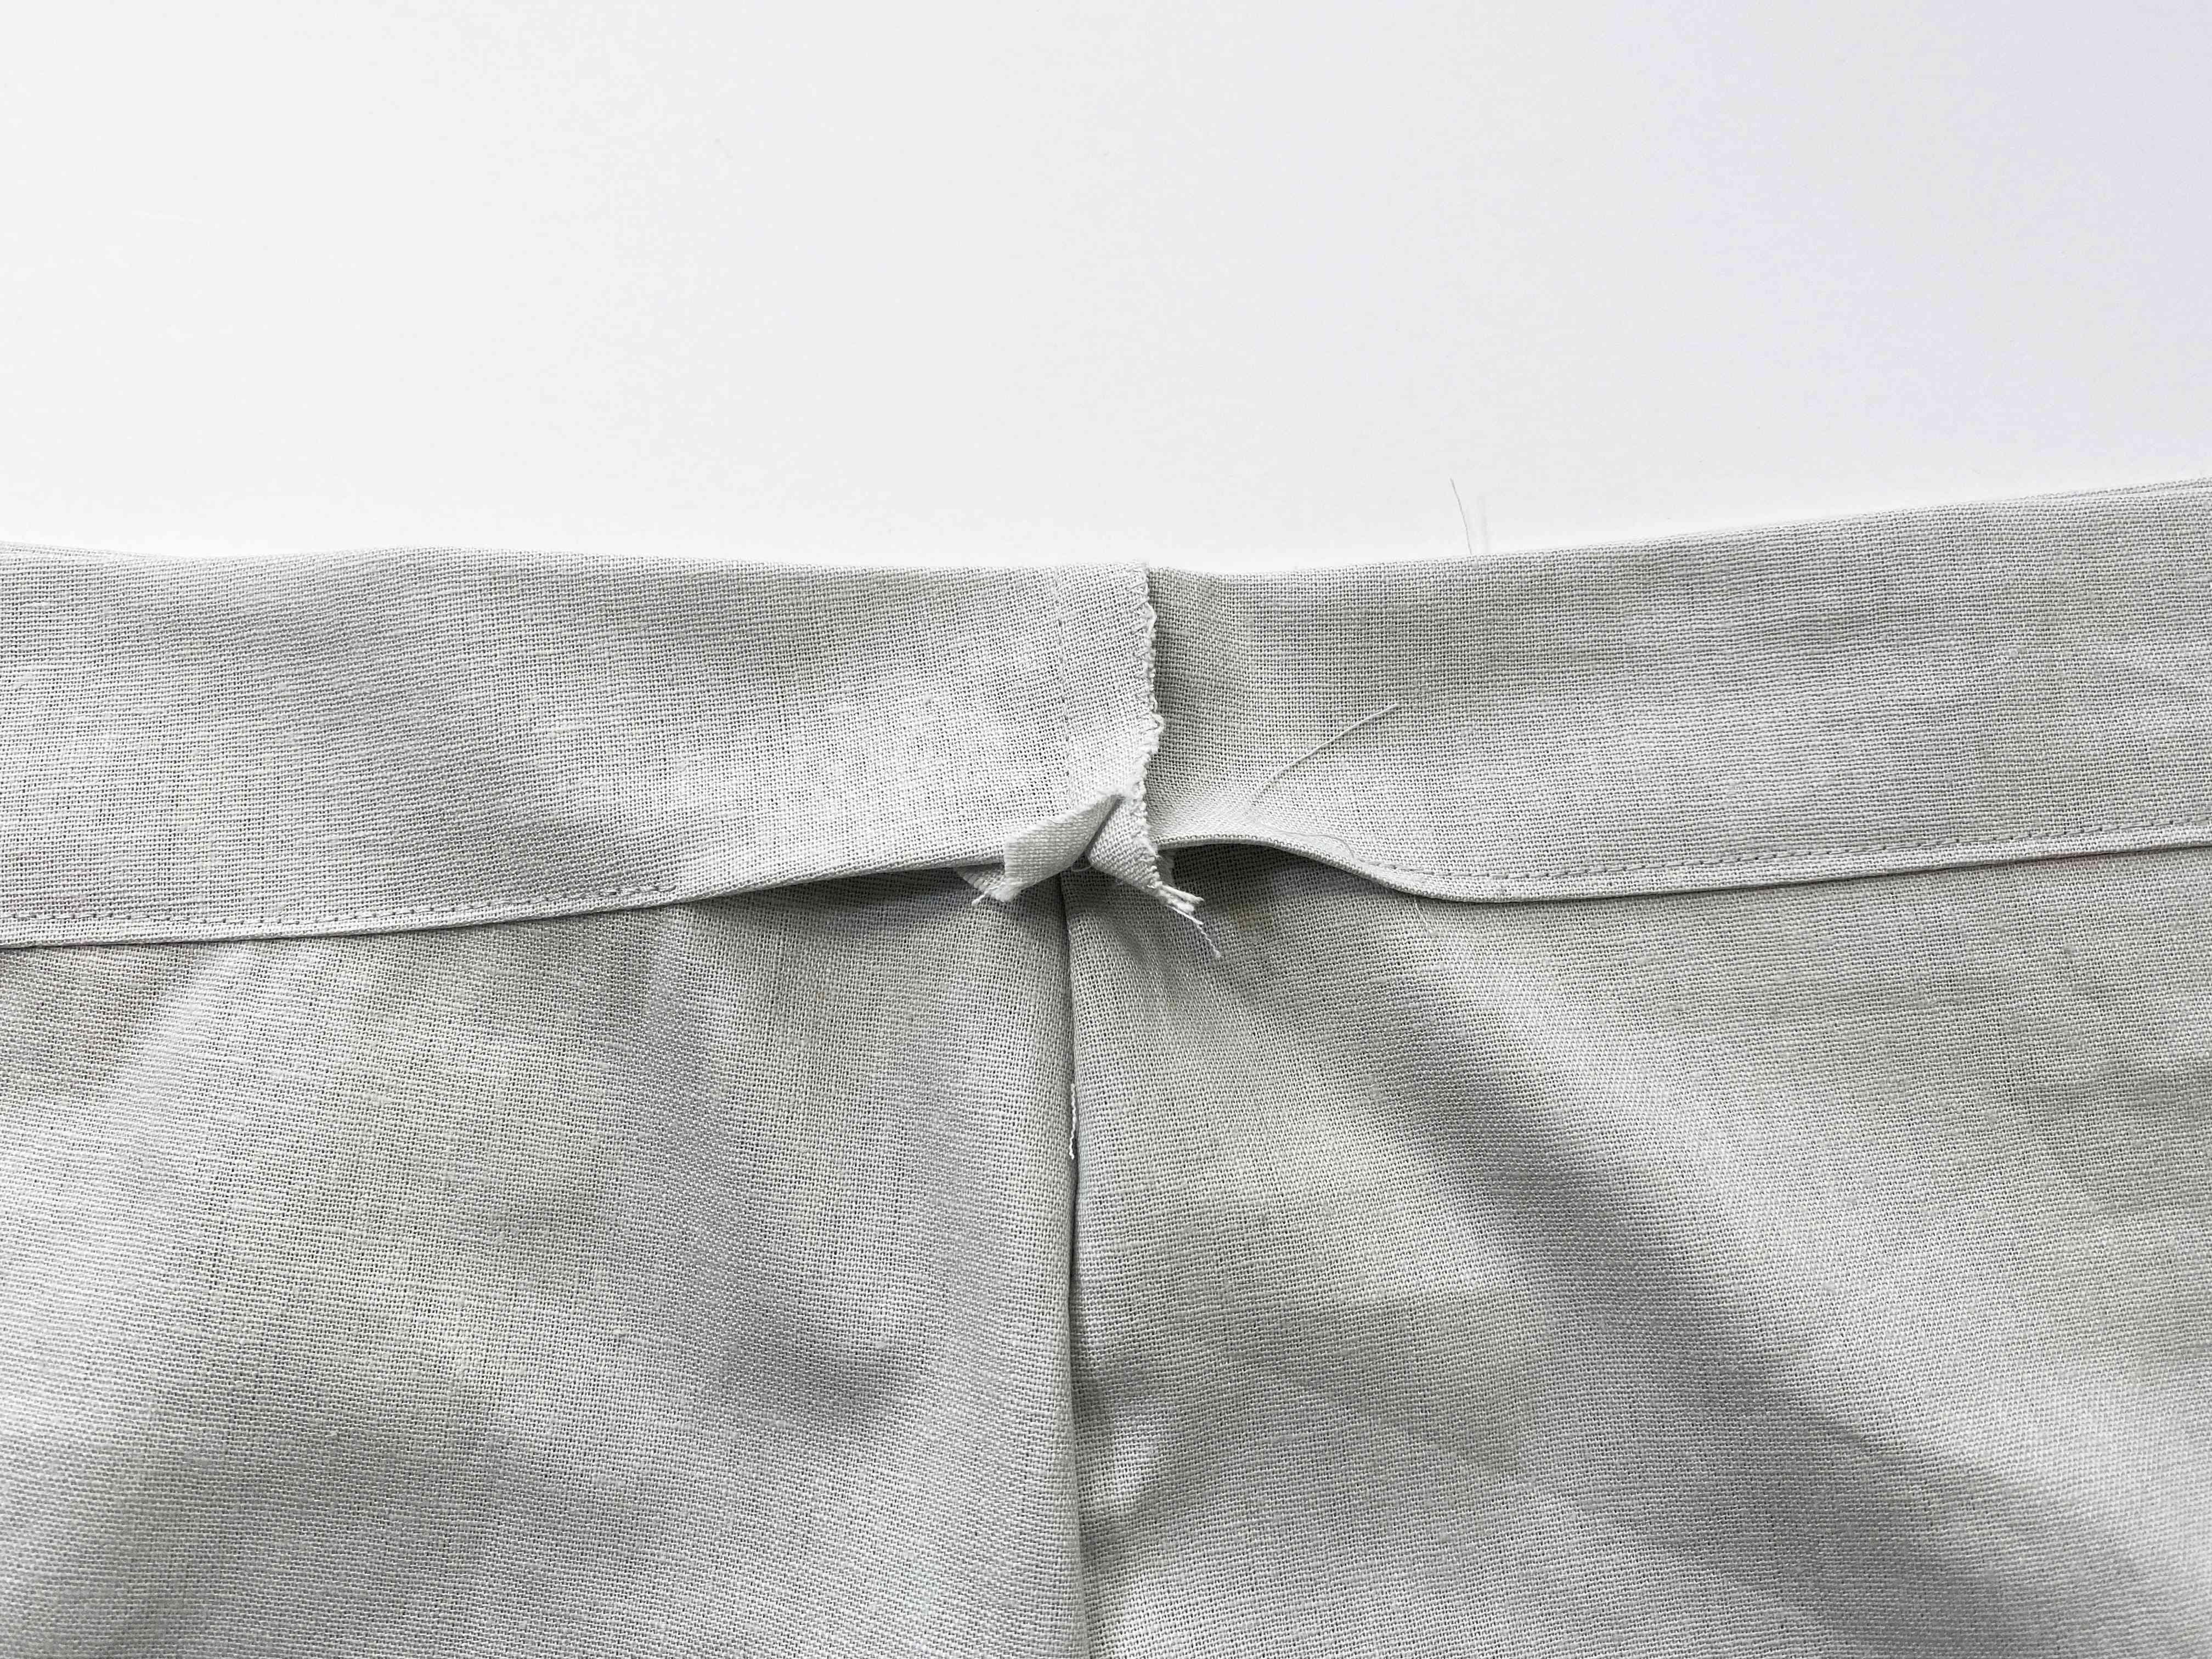 A partially sewn waistband